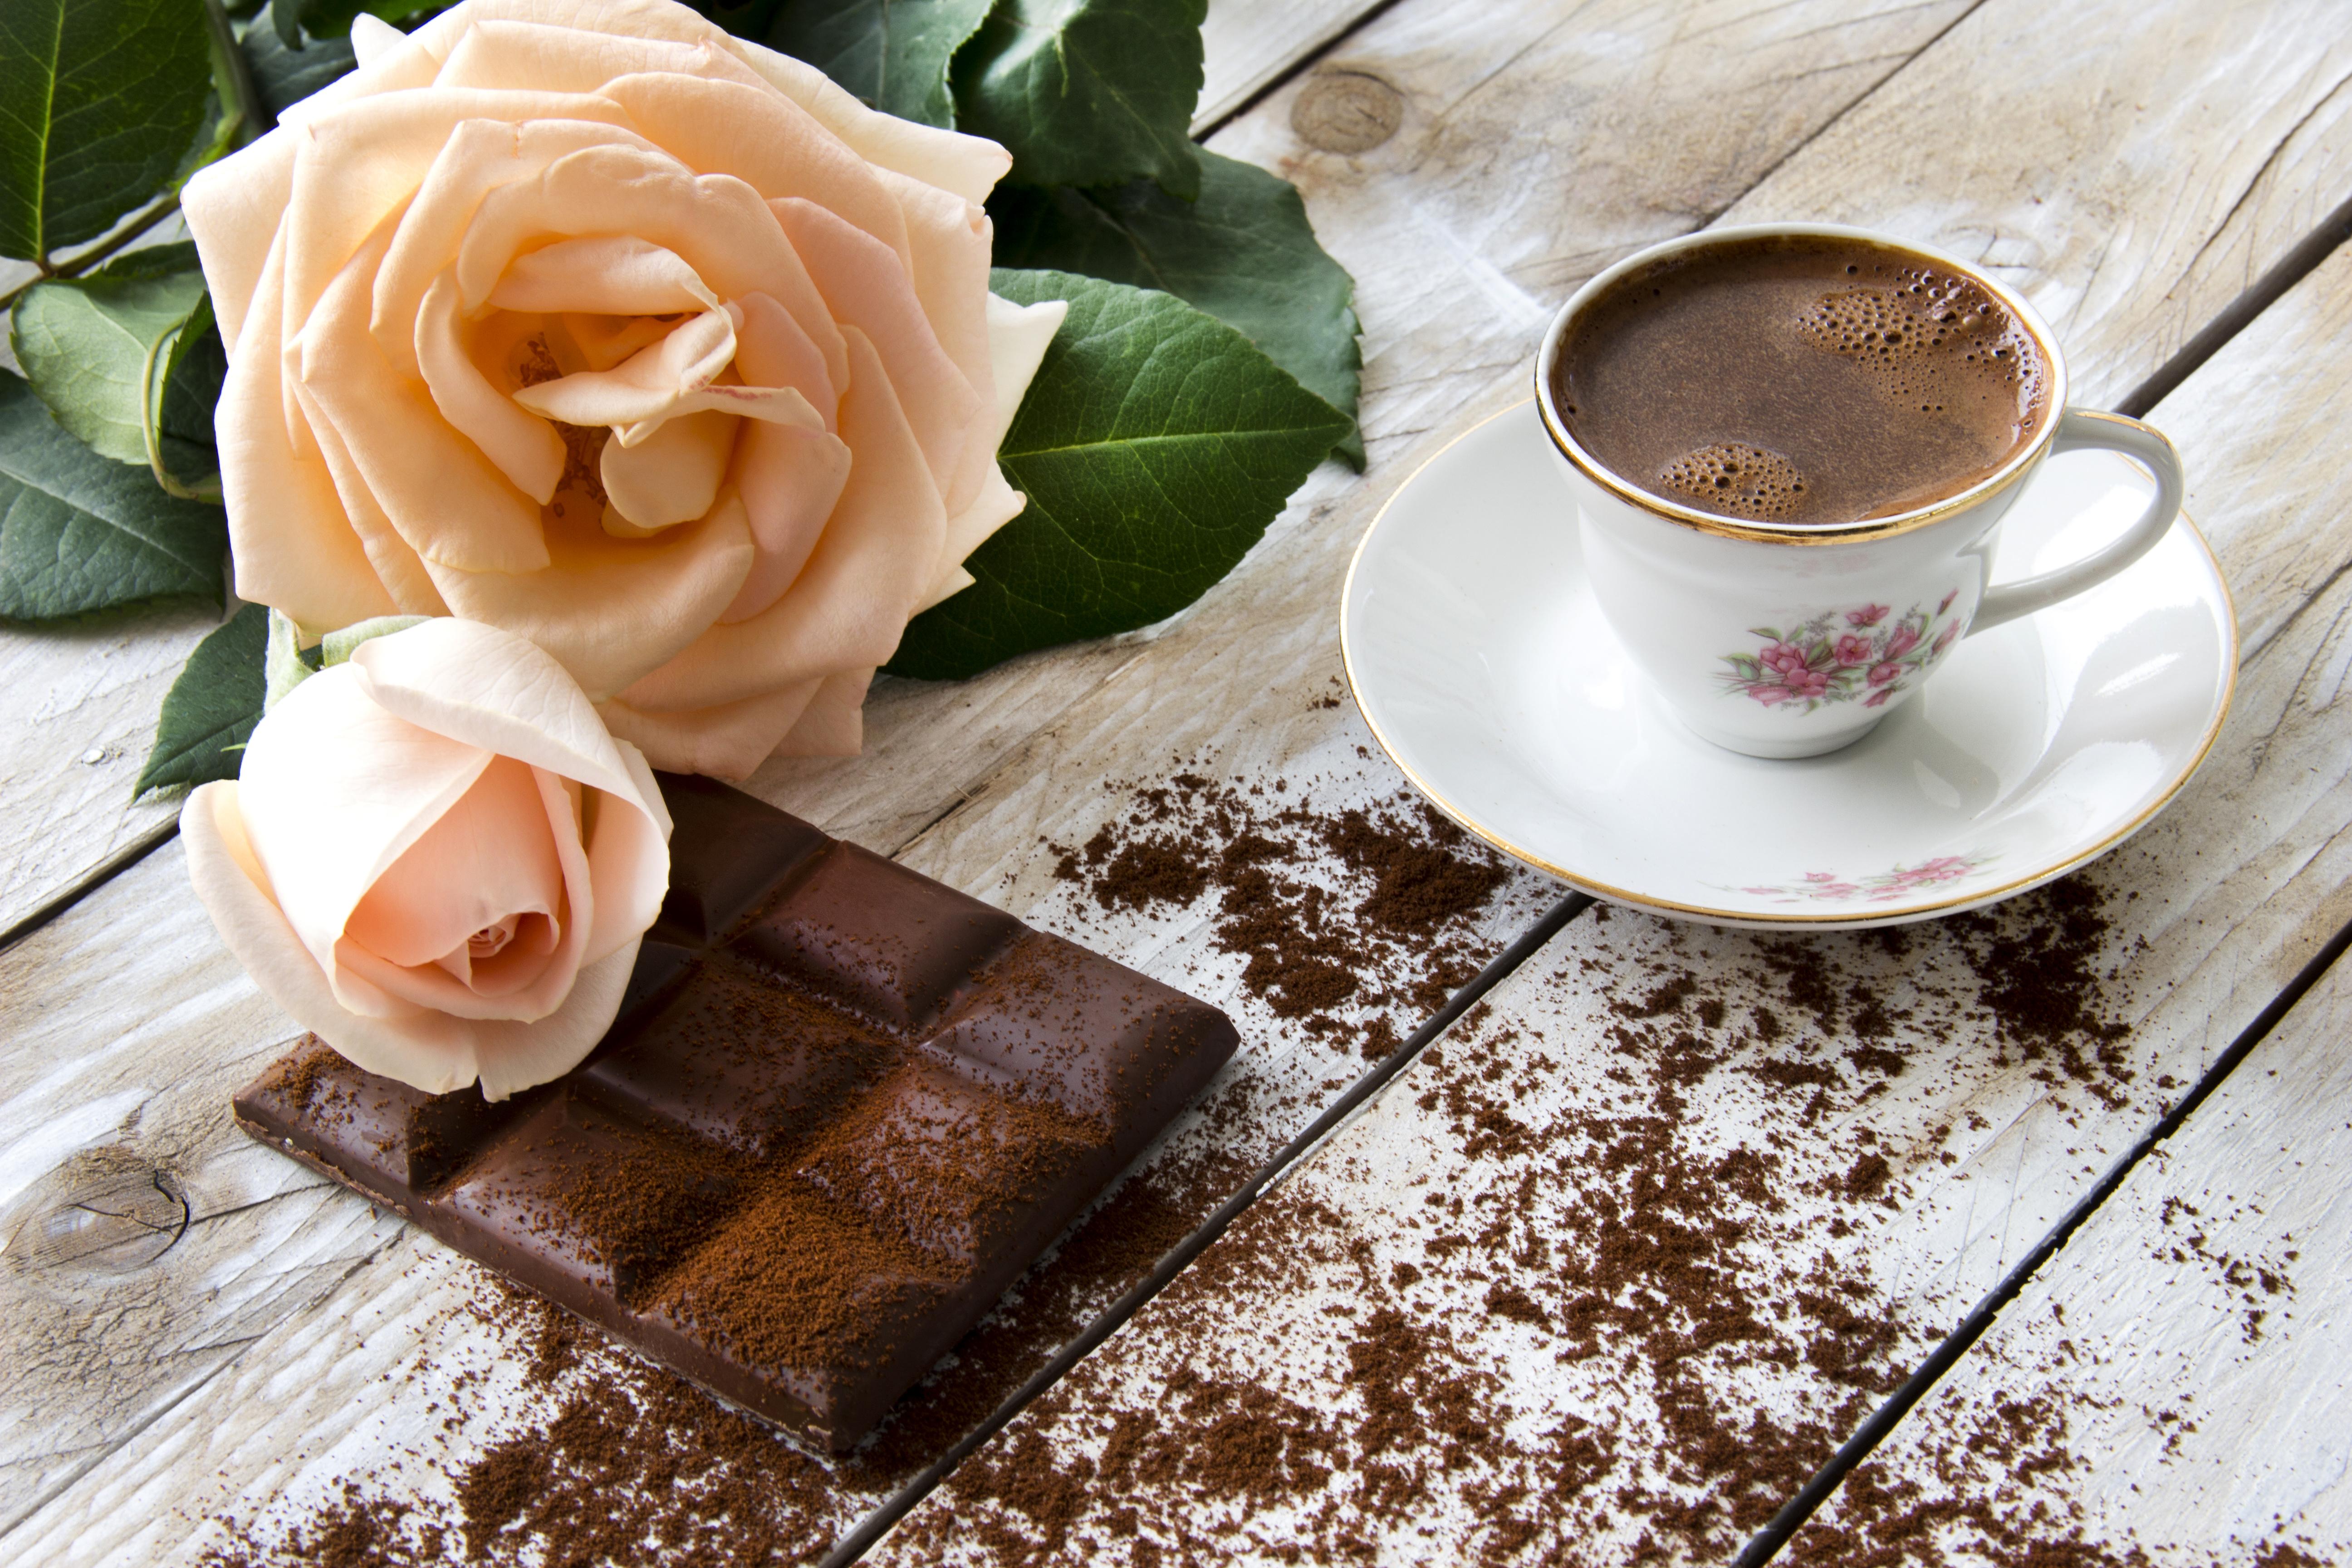 чашки с чаем и кофе